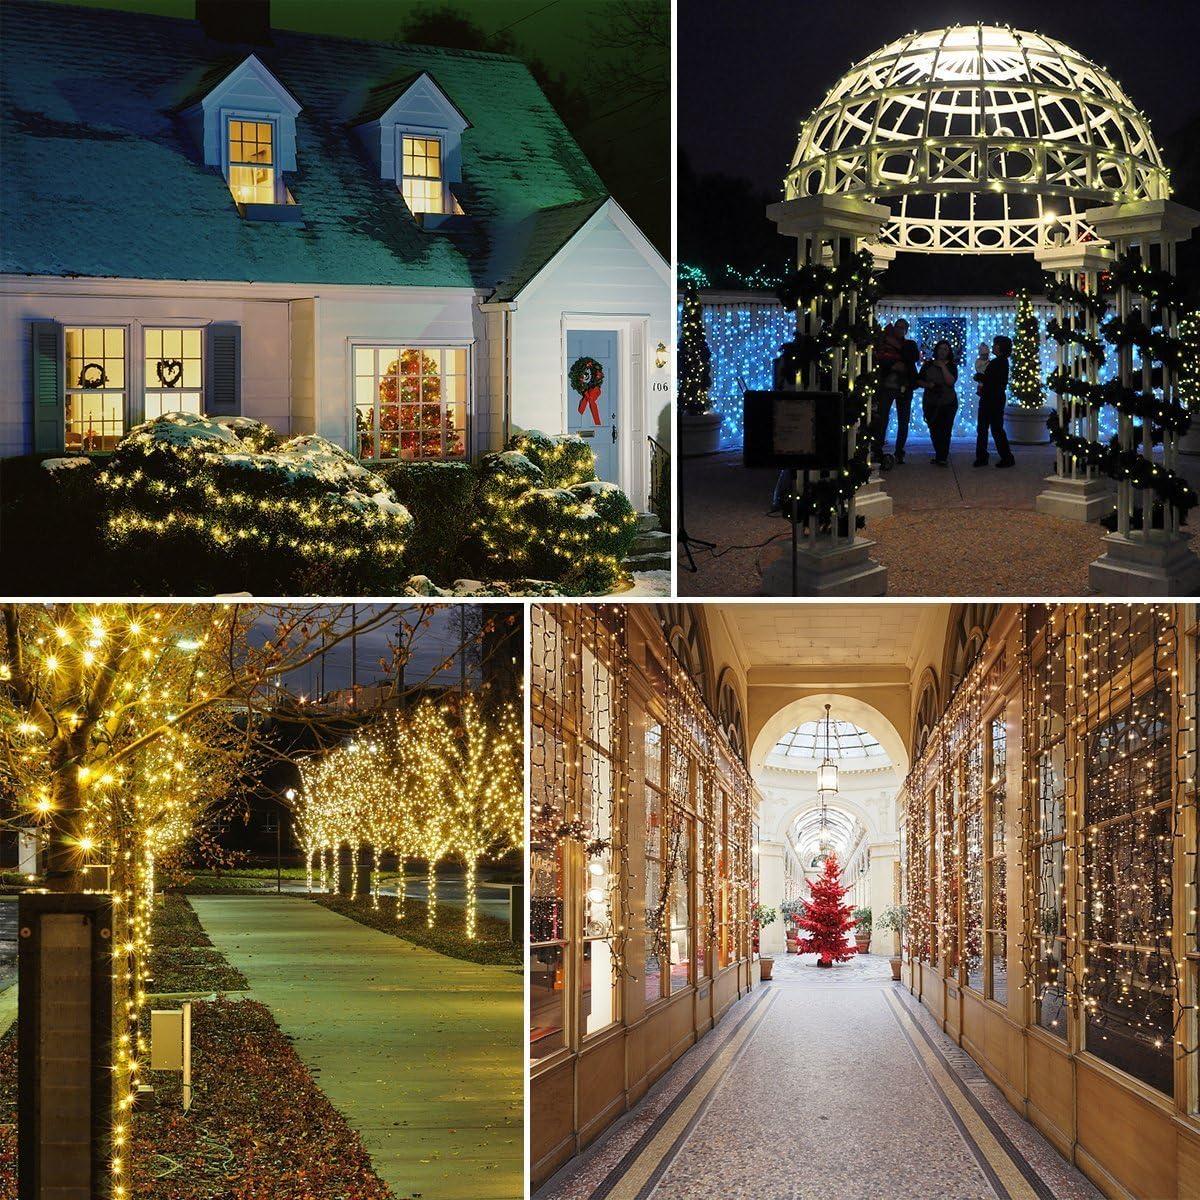 Guirnalda Luces Exterior Solar, 72ft 200 LED Cadena de Luces,IP65 Impermeable Luces Decorativas para Navidad, Fiestas, Bodas, Patio, Dormitorio Jardines, Festivales, etc (Blanco cálido): Amazon.es: Iluminación